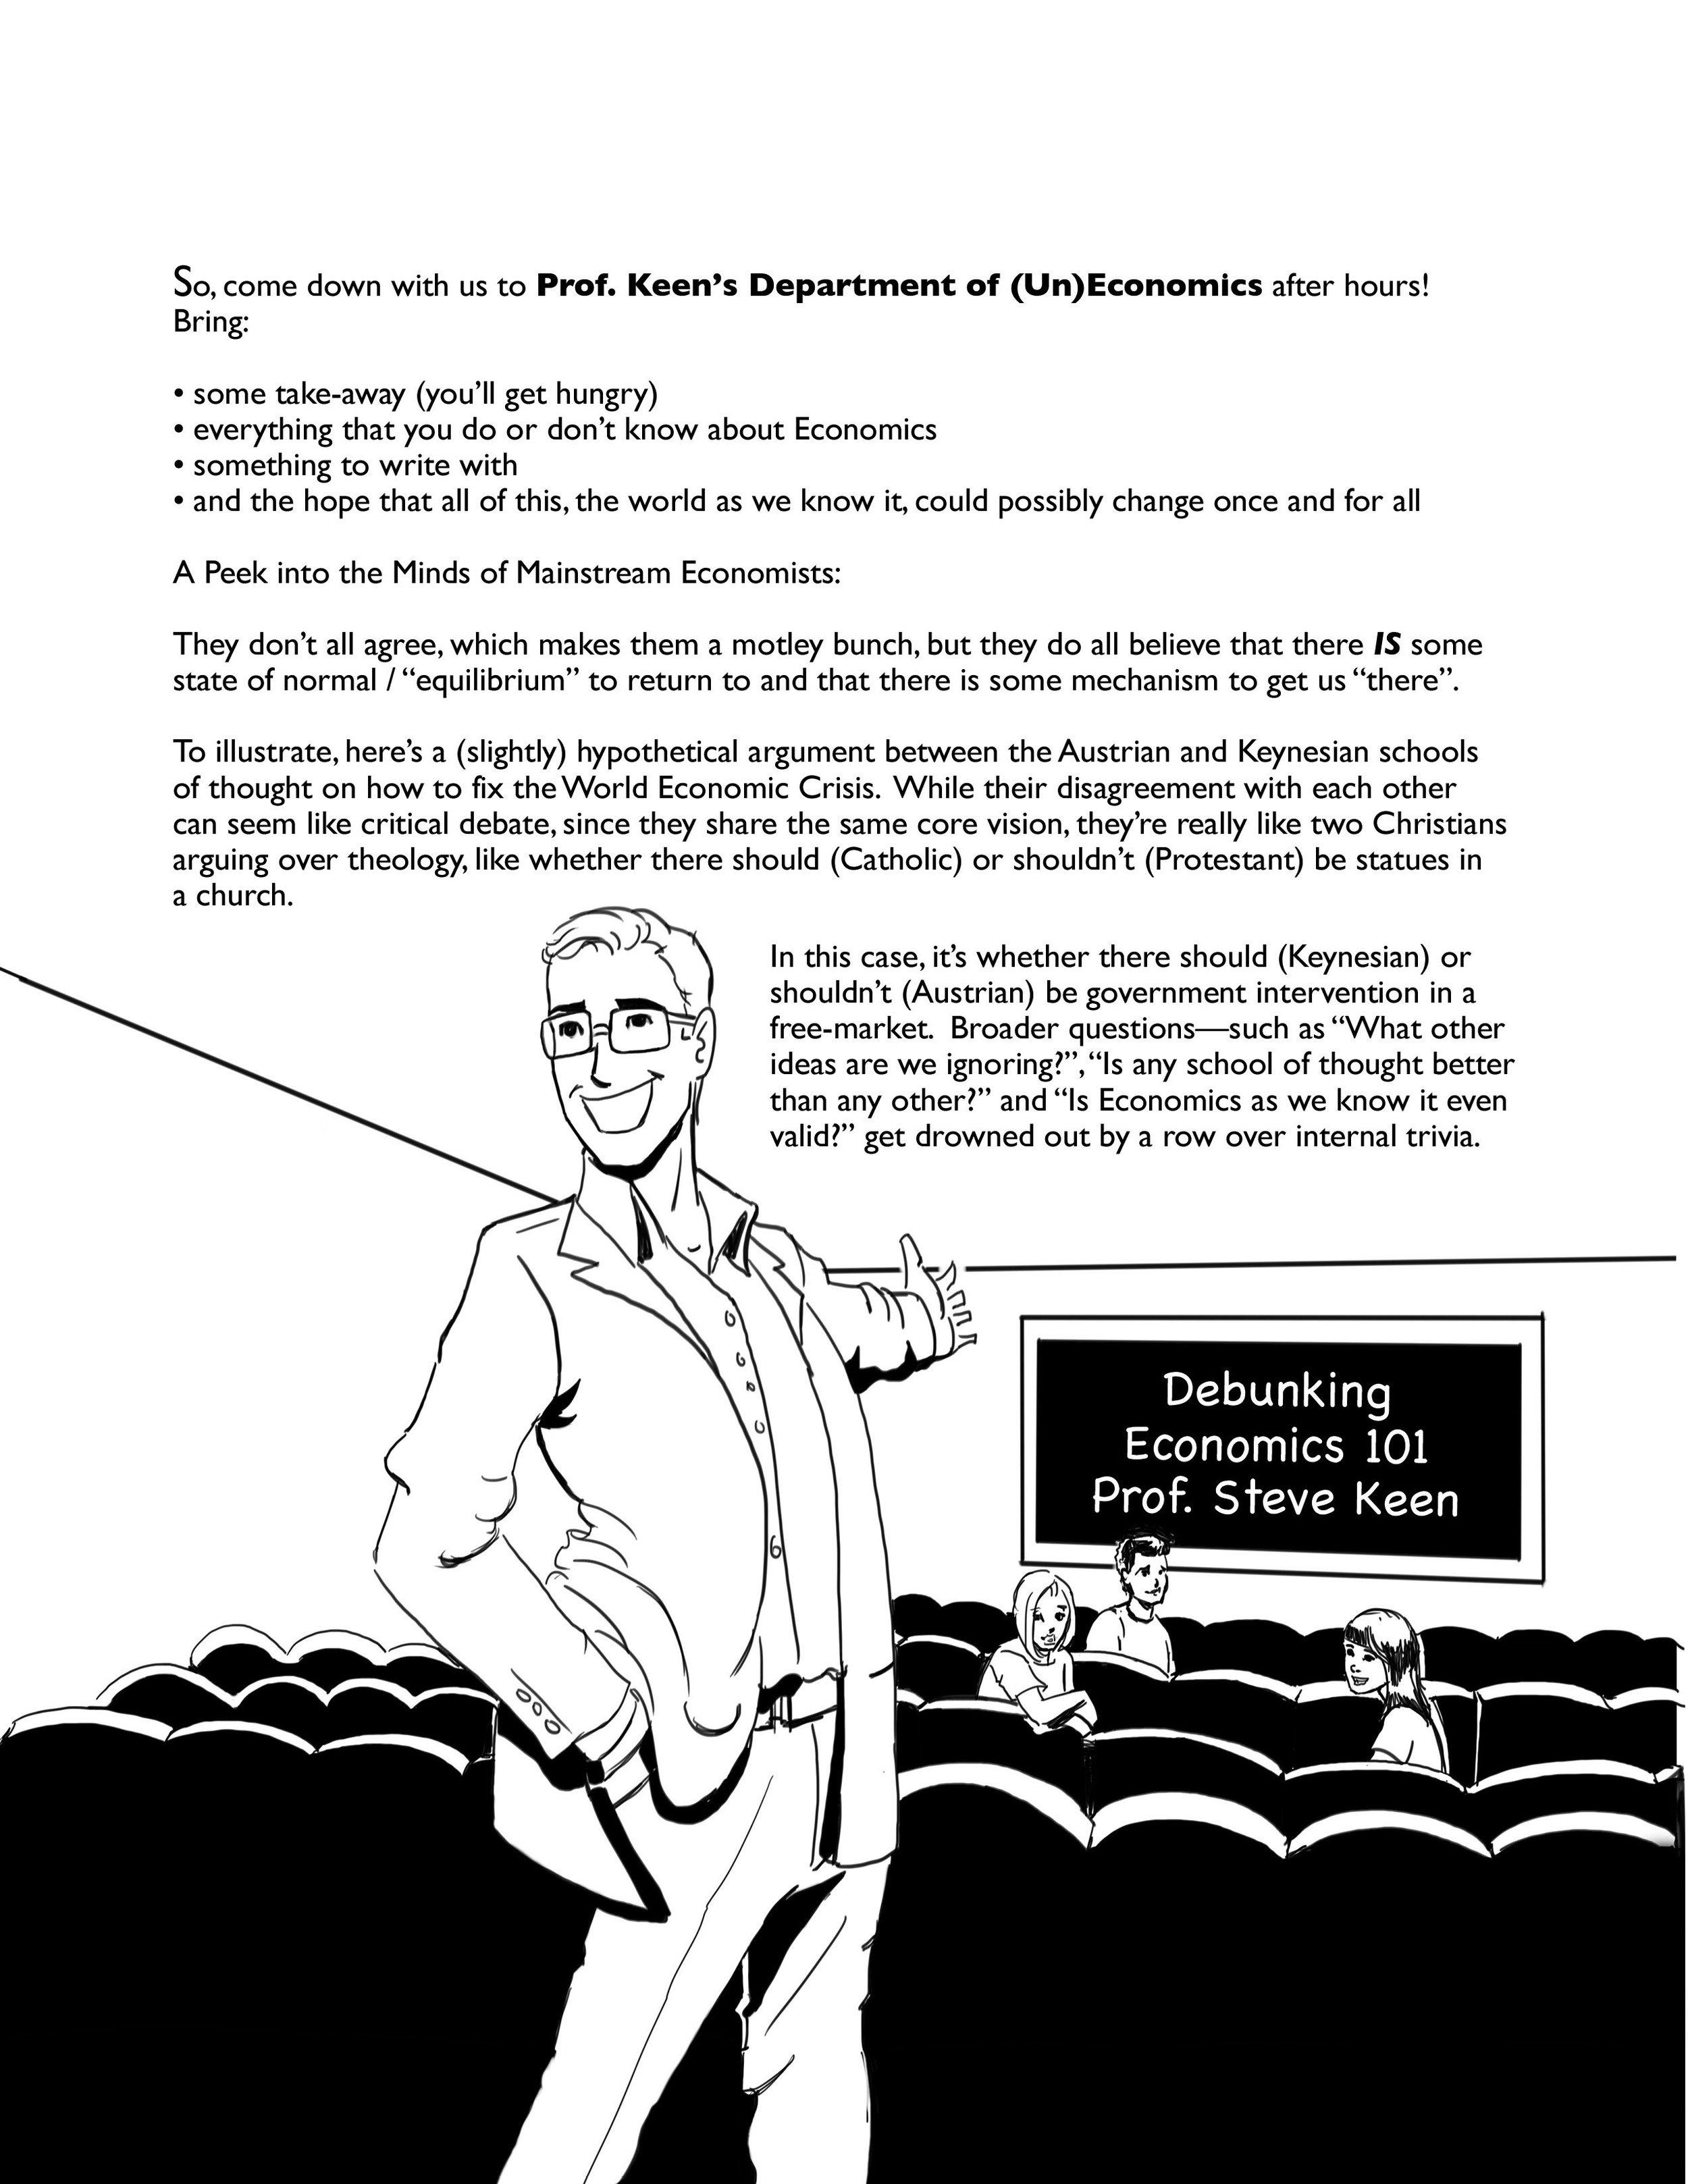 Graphic Debunking Panel 5.jpg